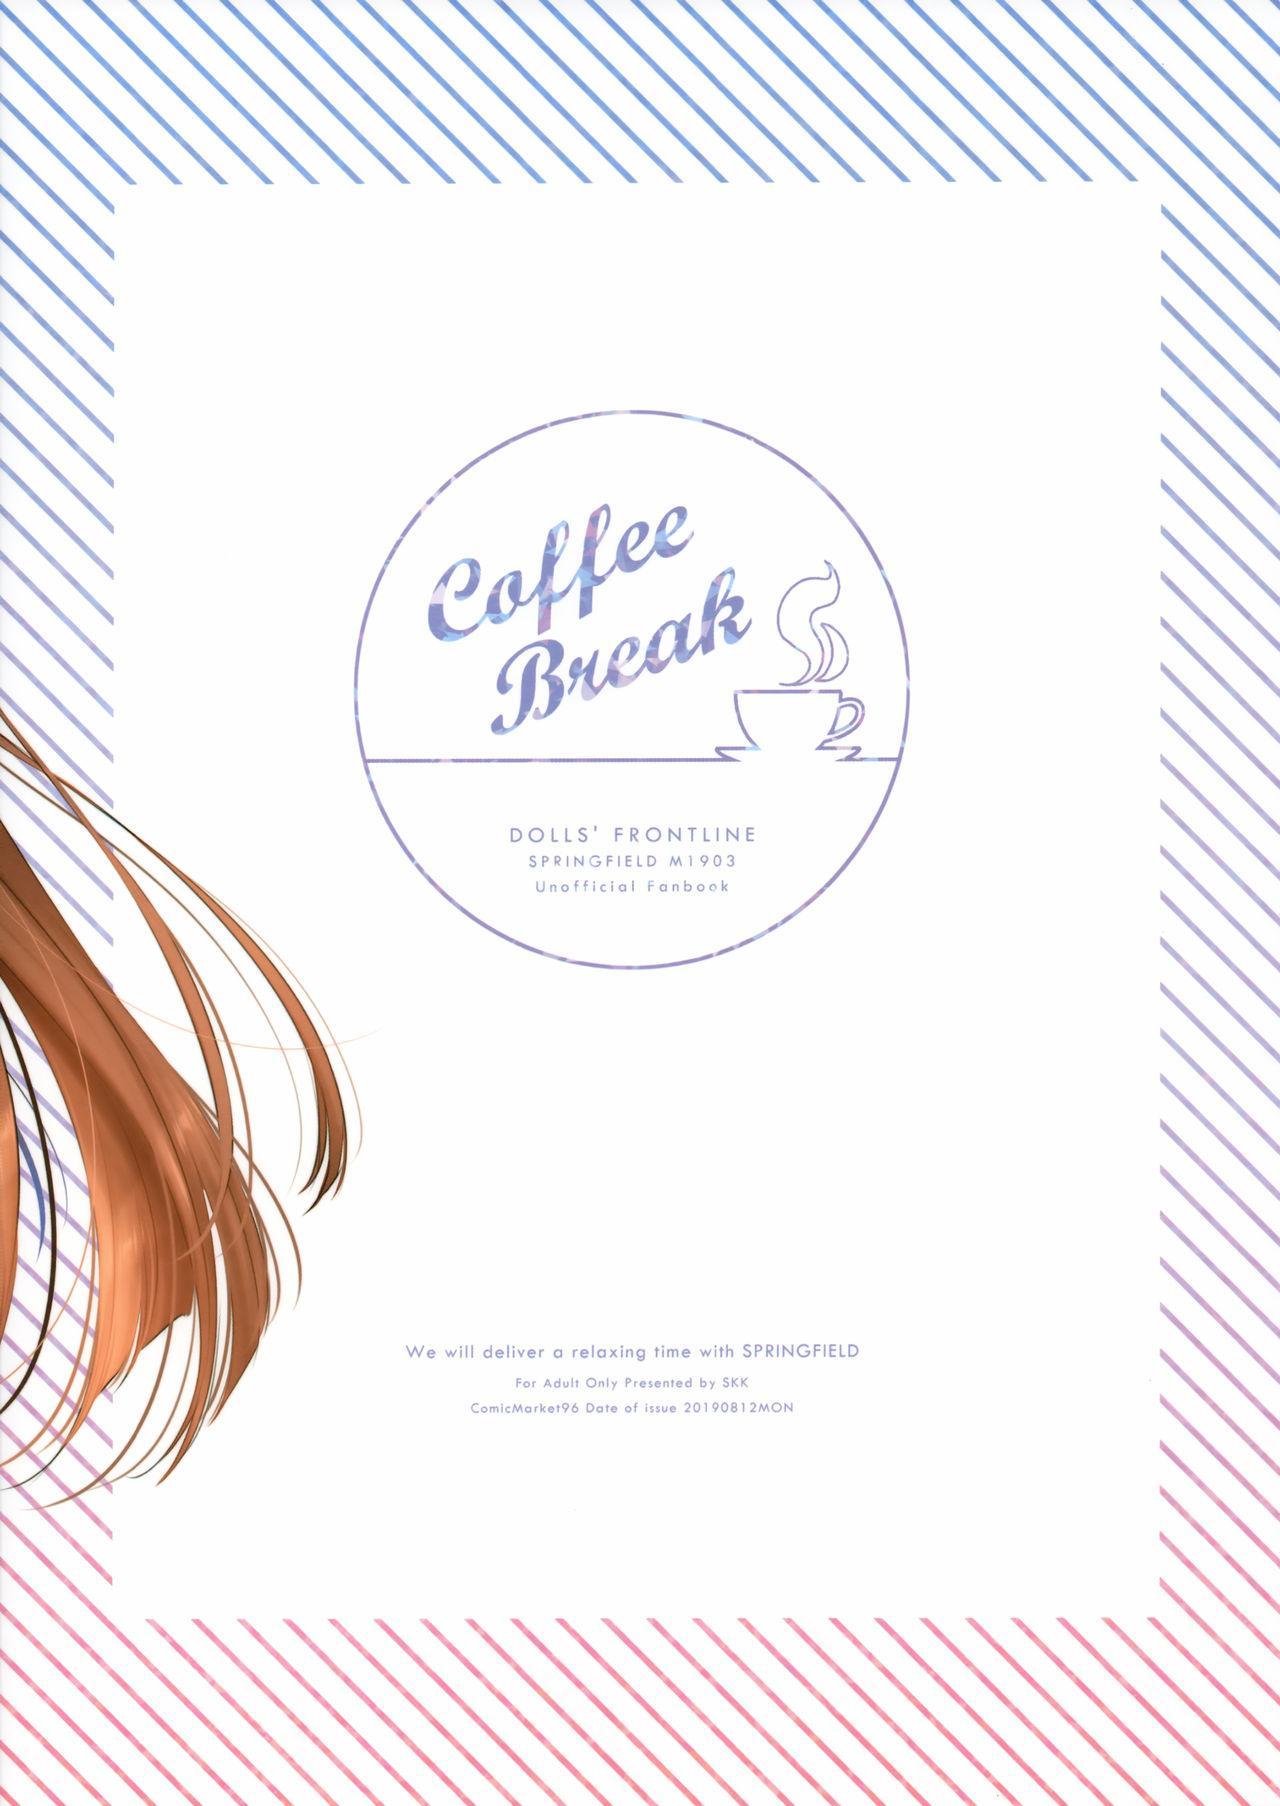 COFFEE BREAK 33